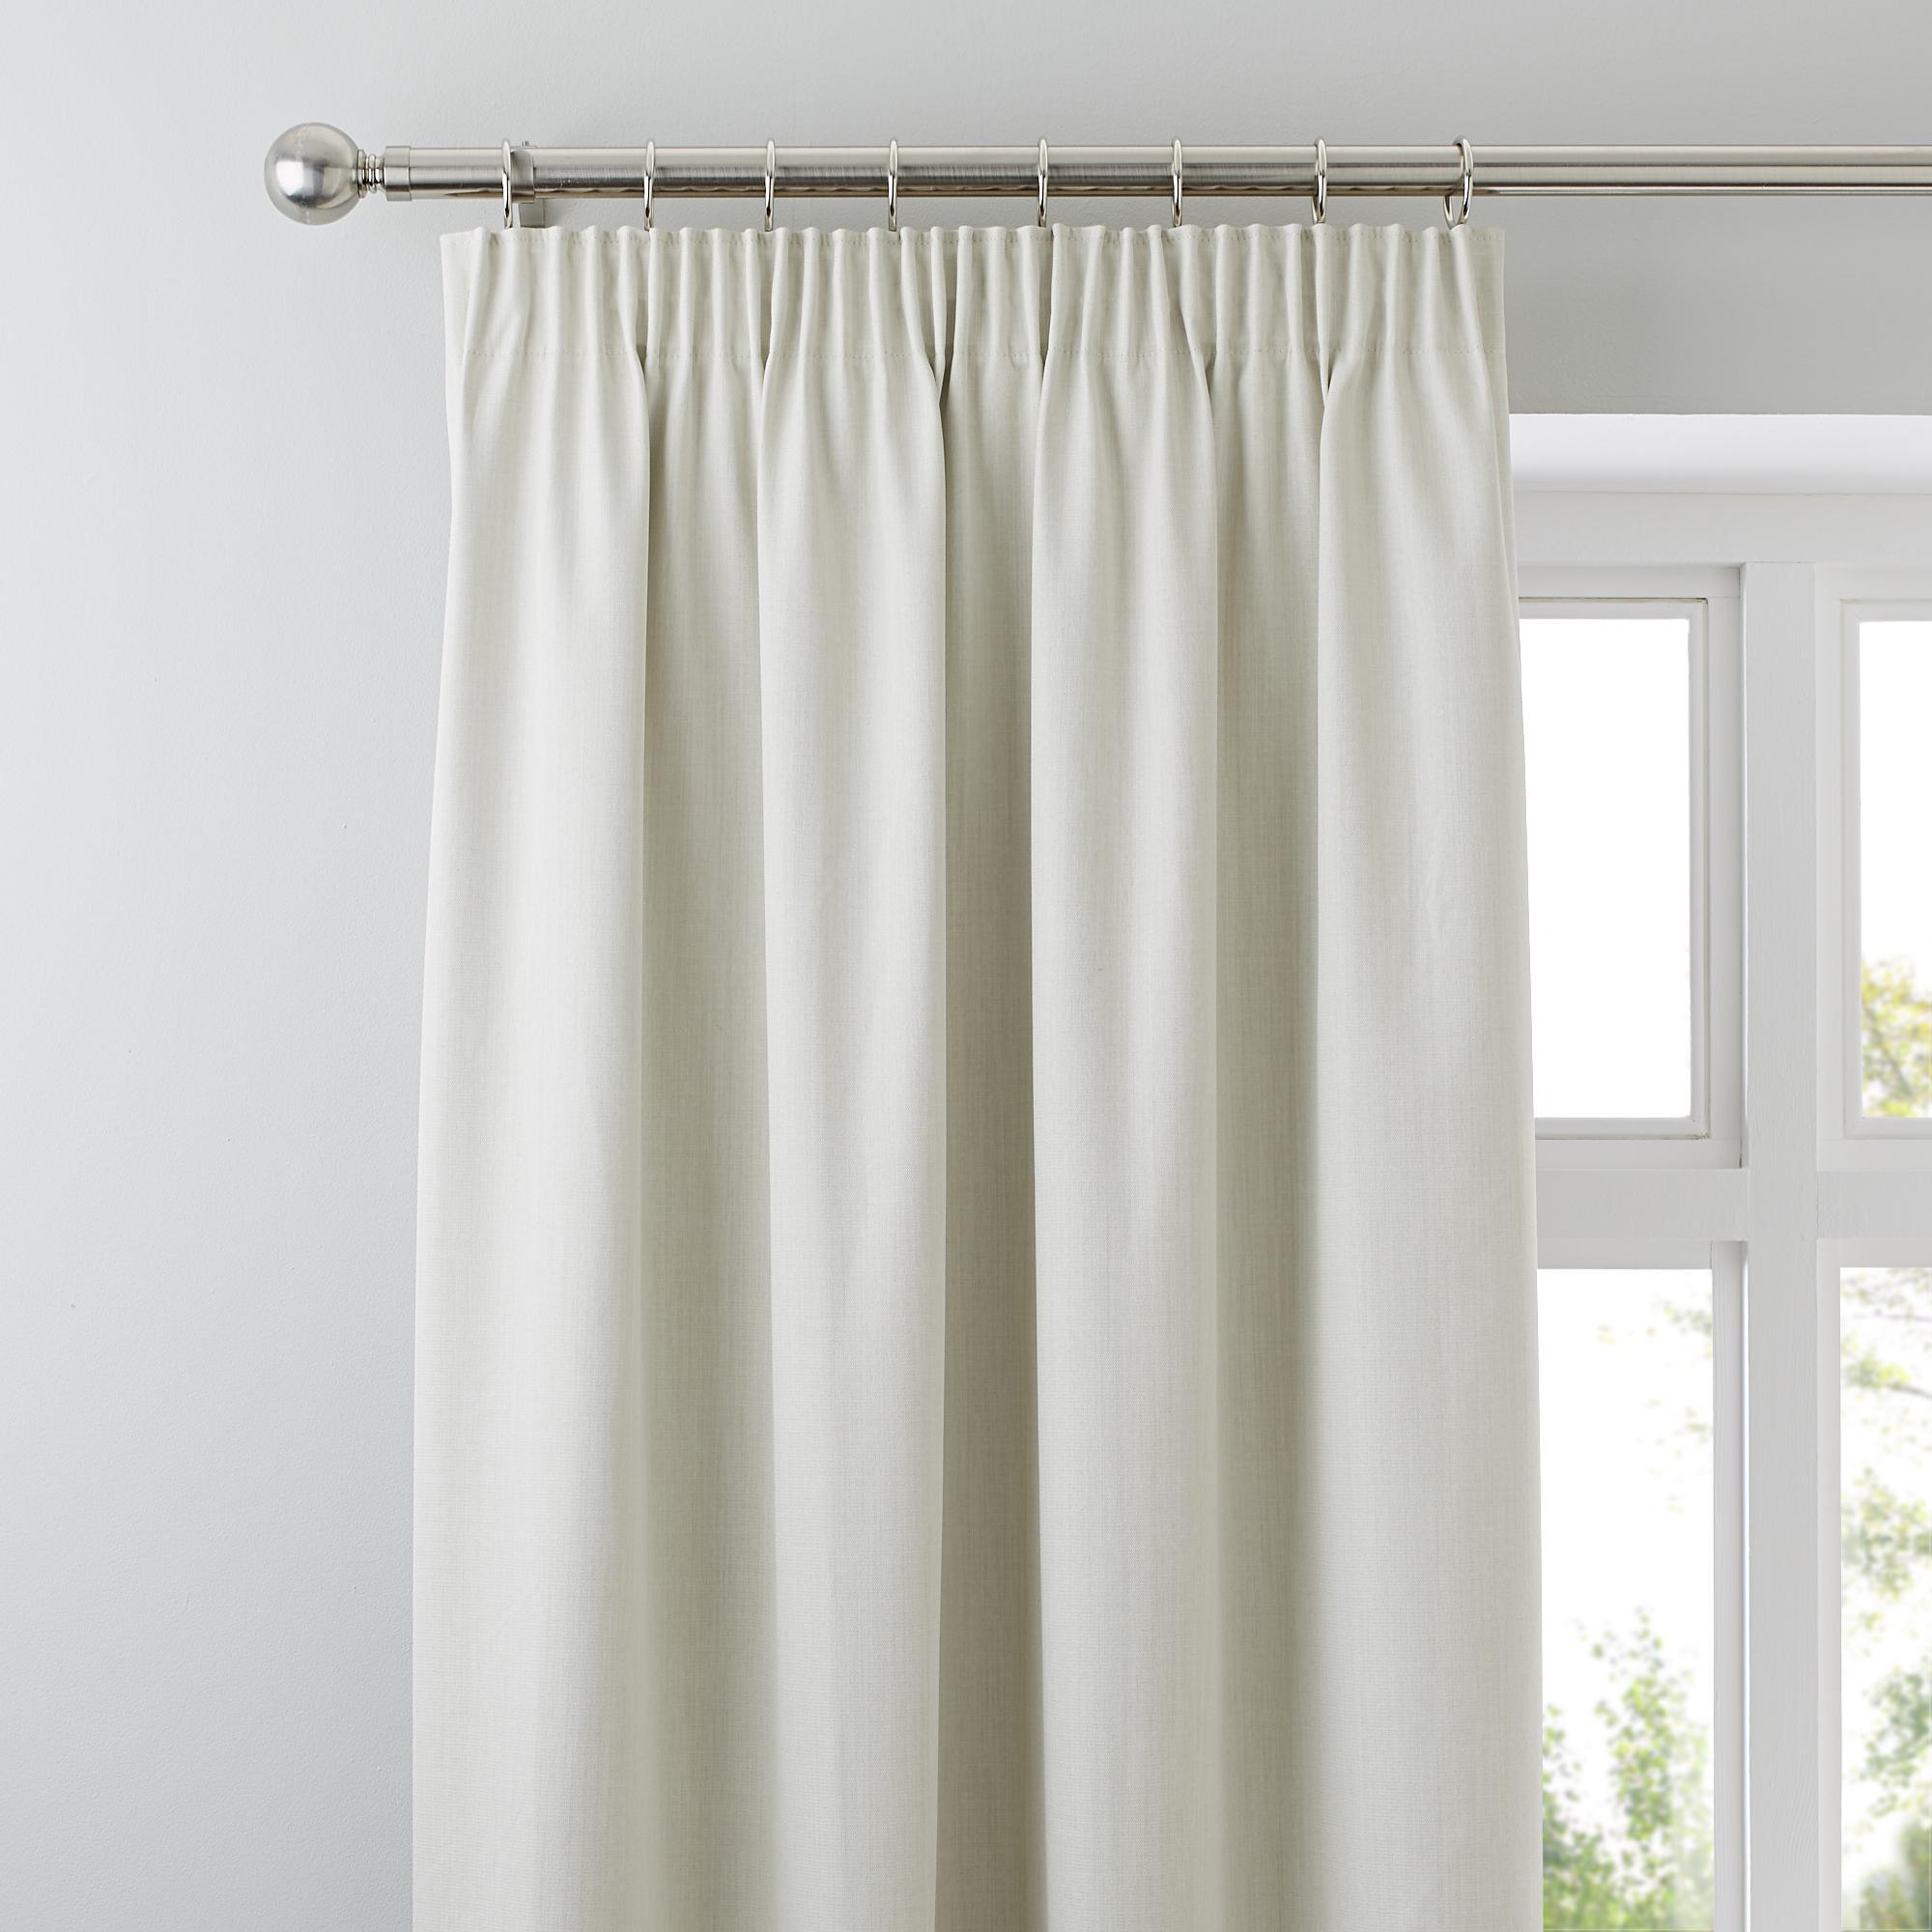 Solar Natural Blackout Pencil Pleat Curtains | Dunelm